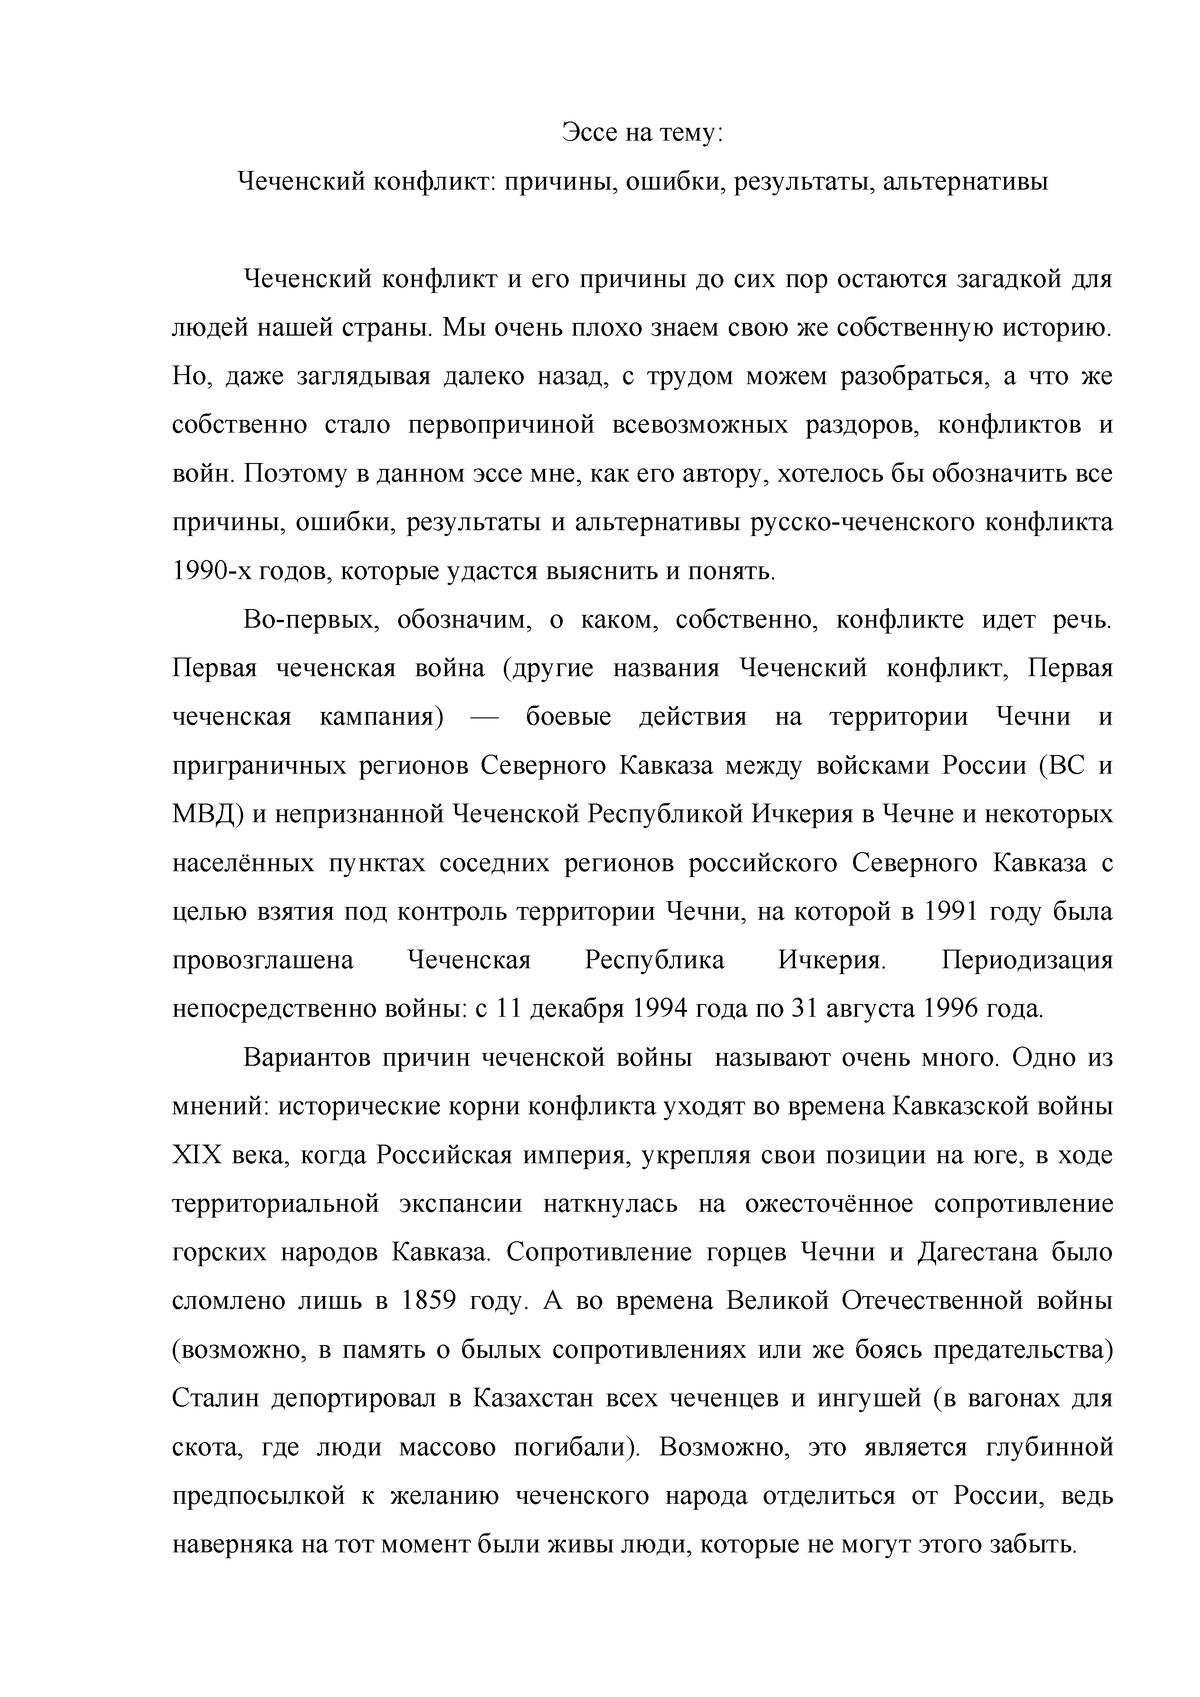 Эссе на тему конфликта 7434